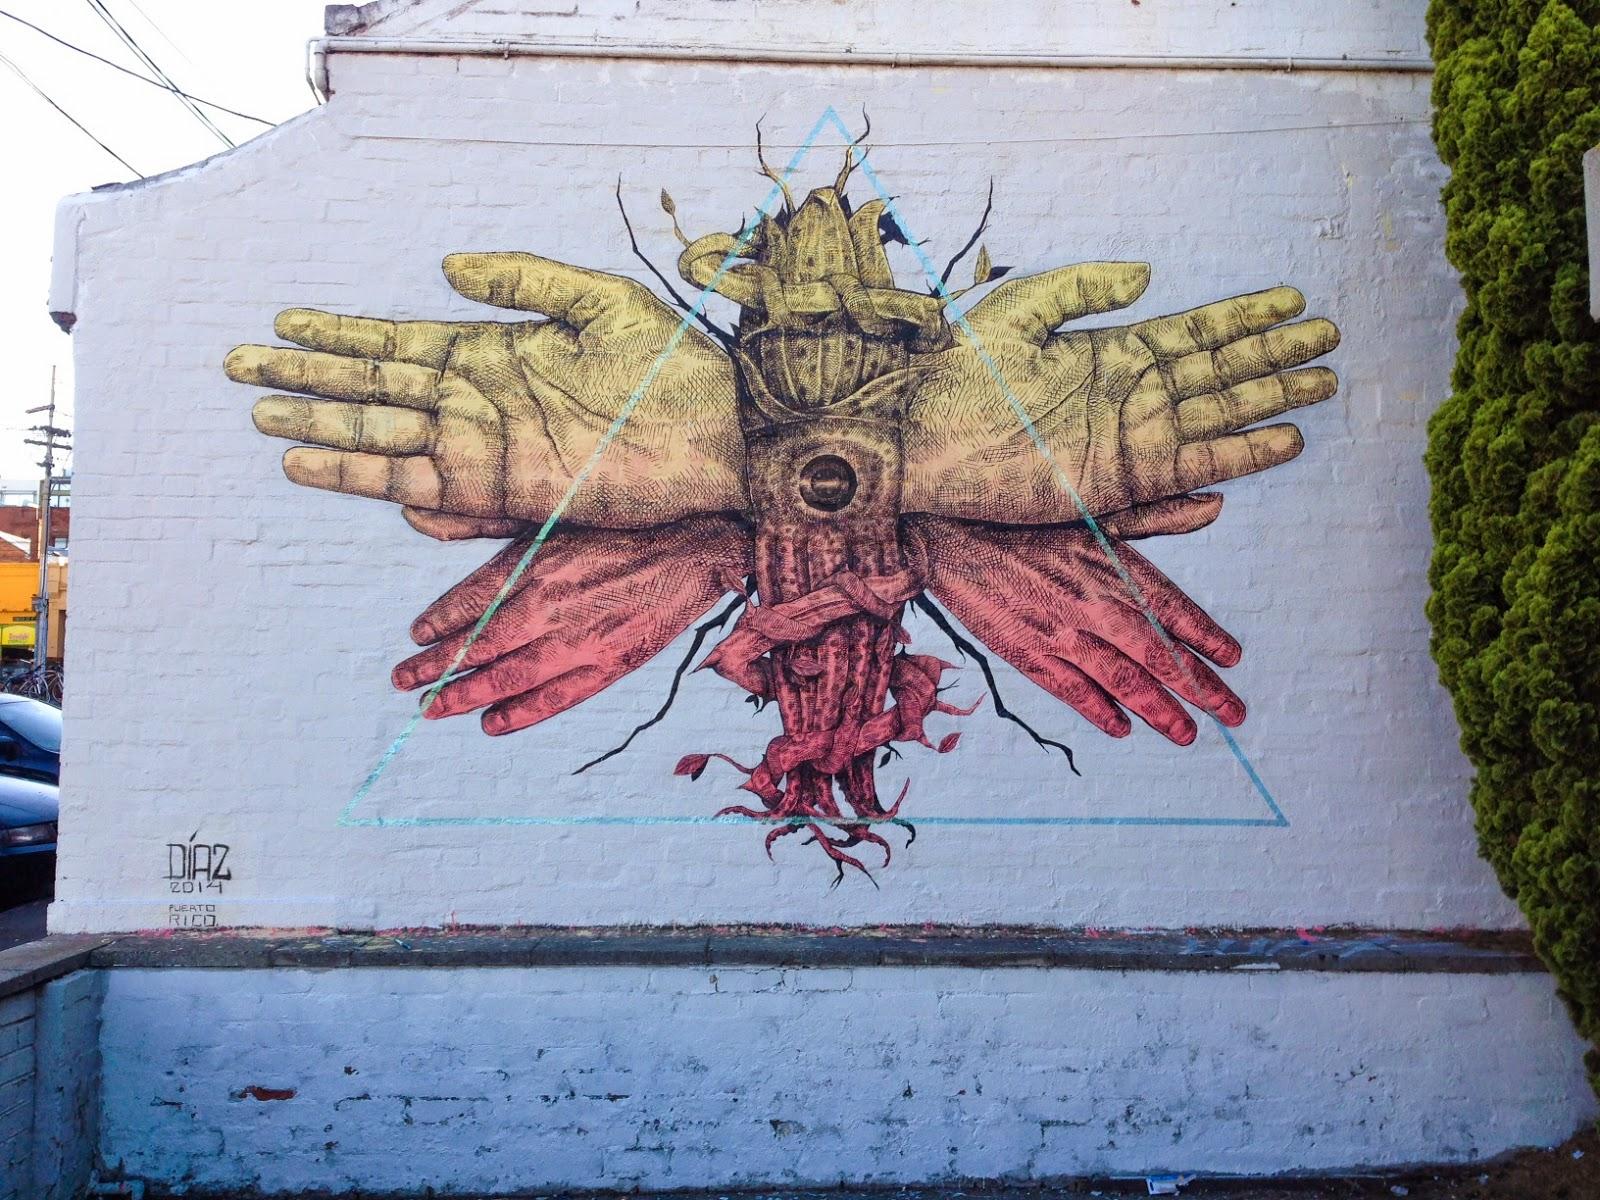 Alexis diaz new mural melbourne australia for Australian mural